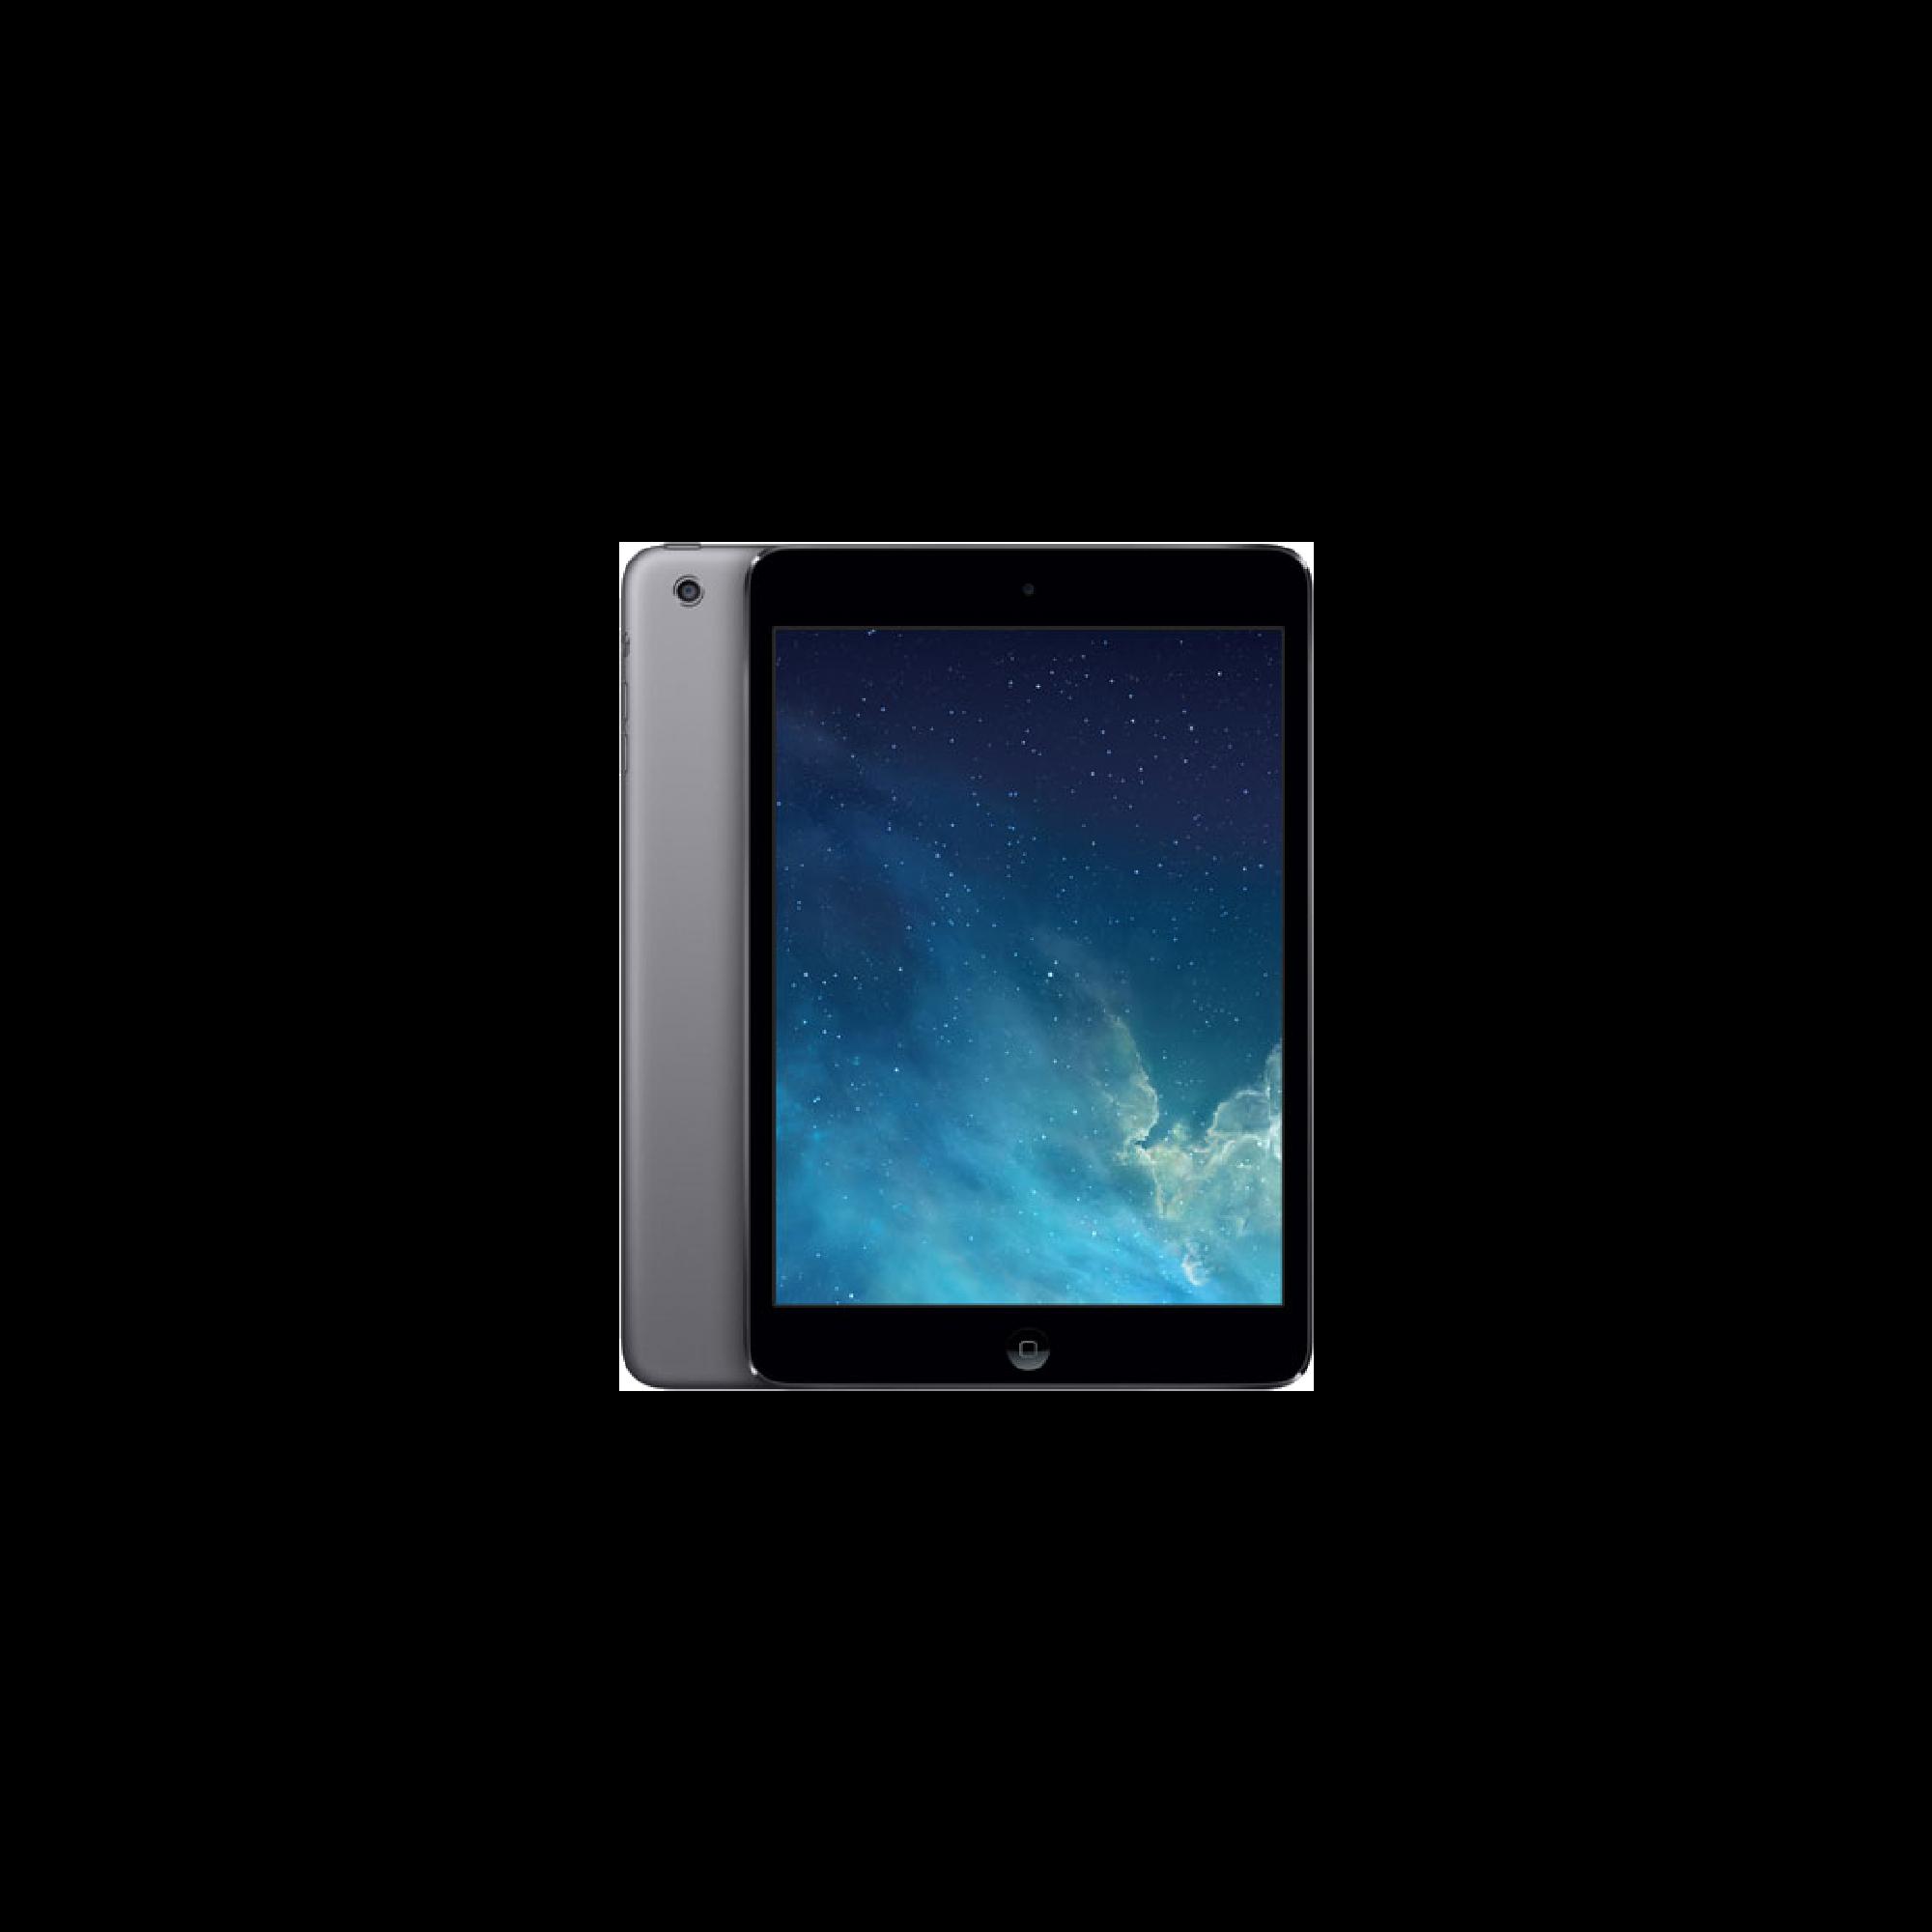 iPad Mini 1/2  | $85 + tax